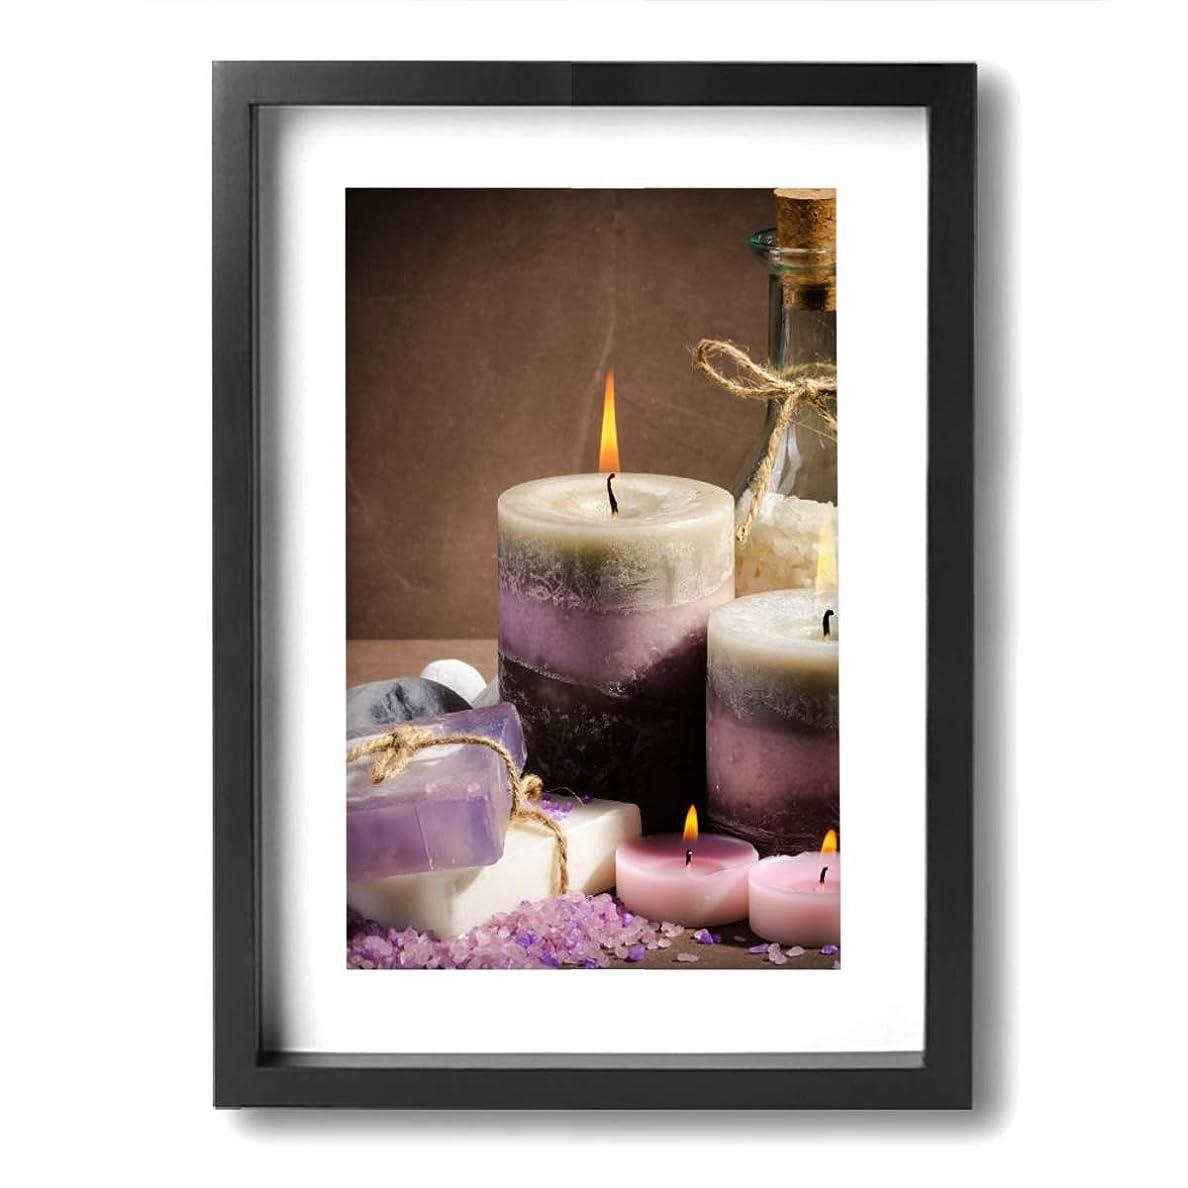 同情メディカル素人魅力的な芸術 20x30cm Spa Purple Color Candle Oil キャンバスの壁アート 画像プリント絵画リビングルームの壁の装飾と家の装飾のための現代アートワークハングする準備ができて